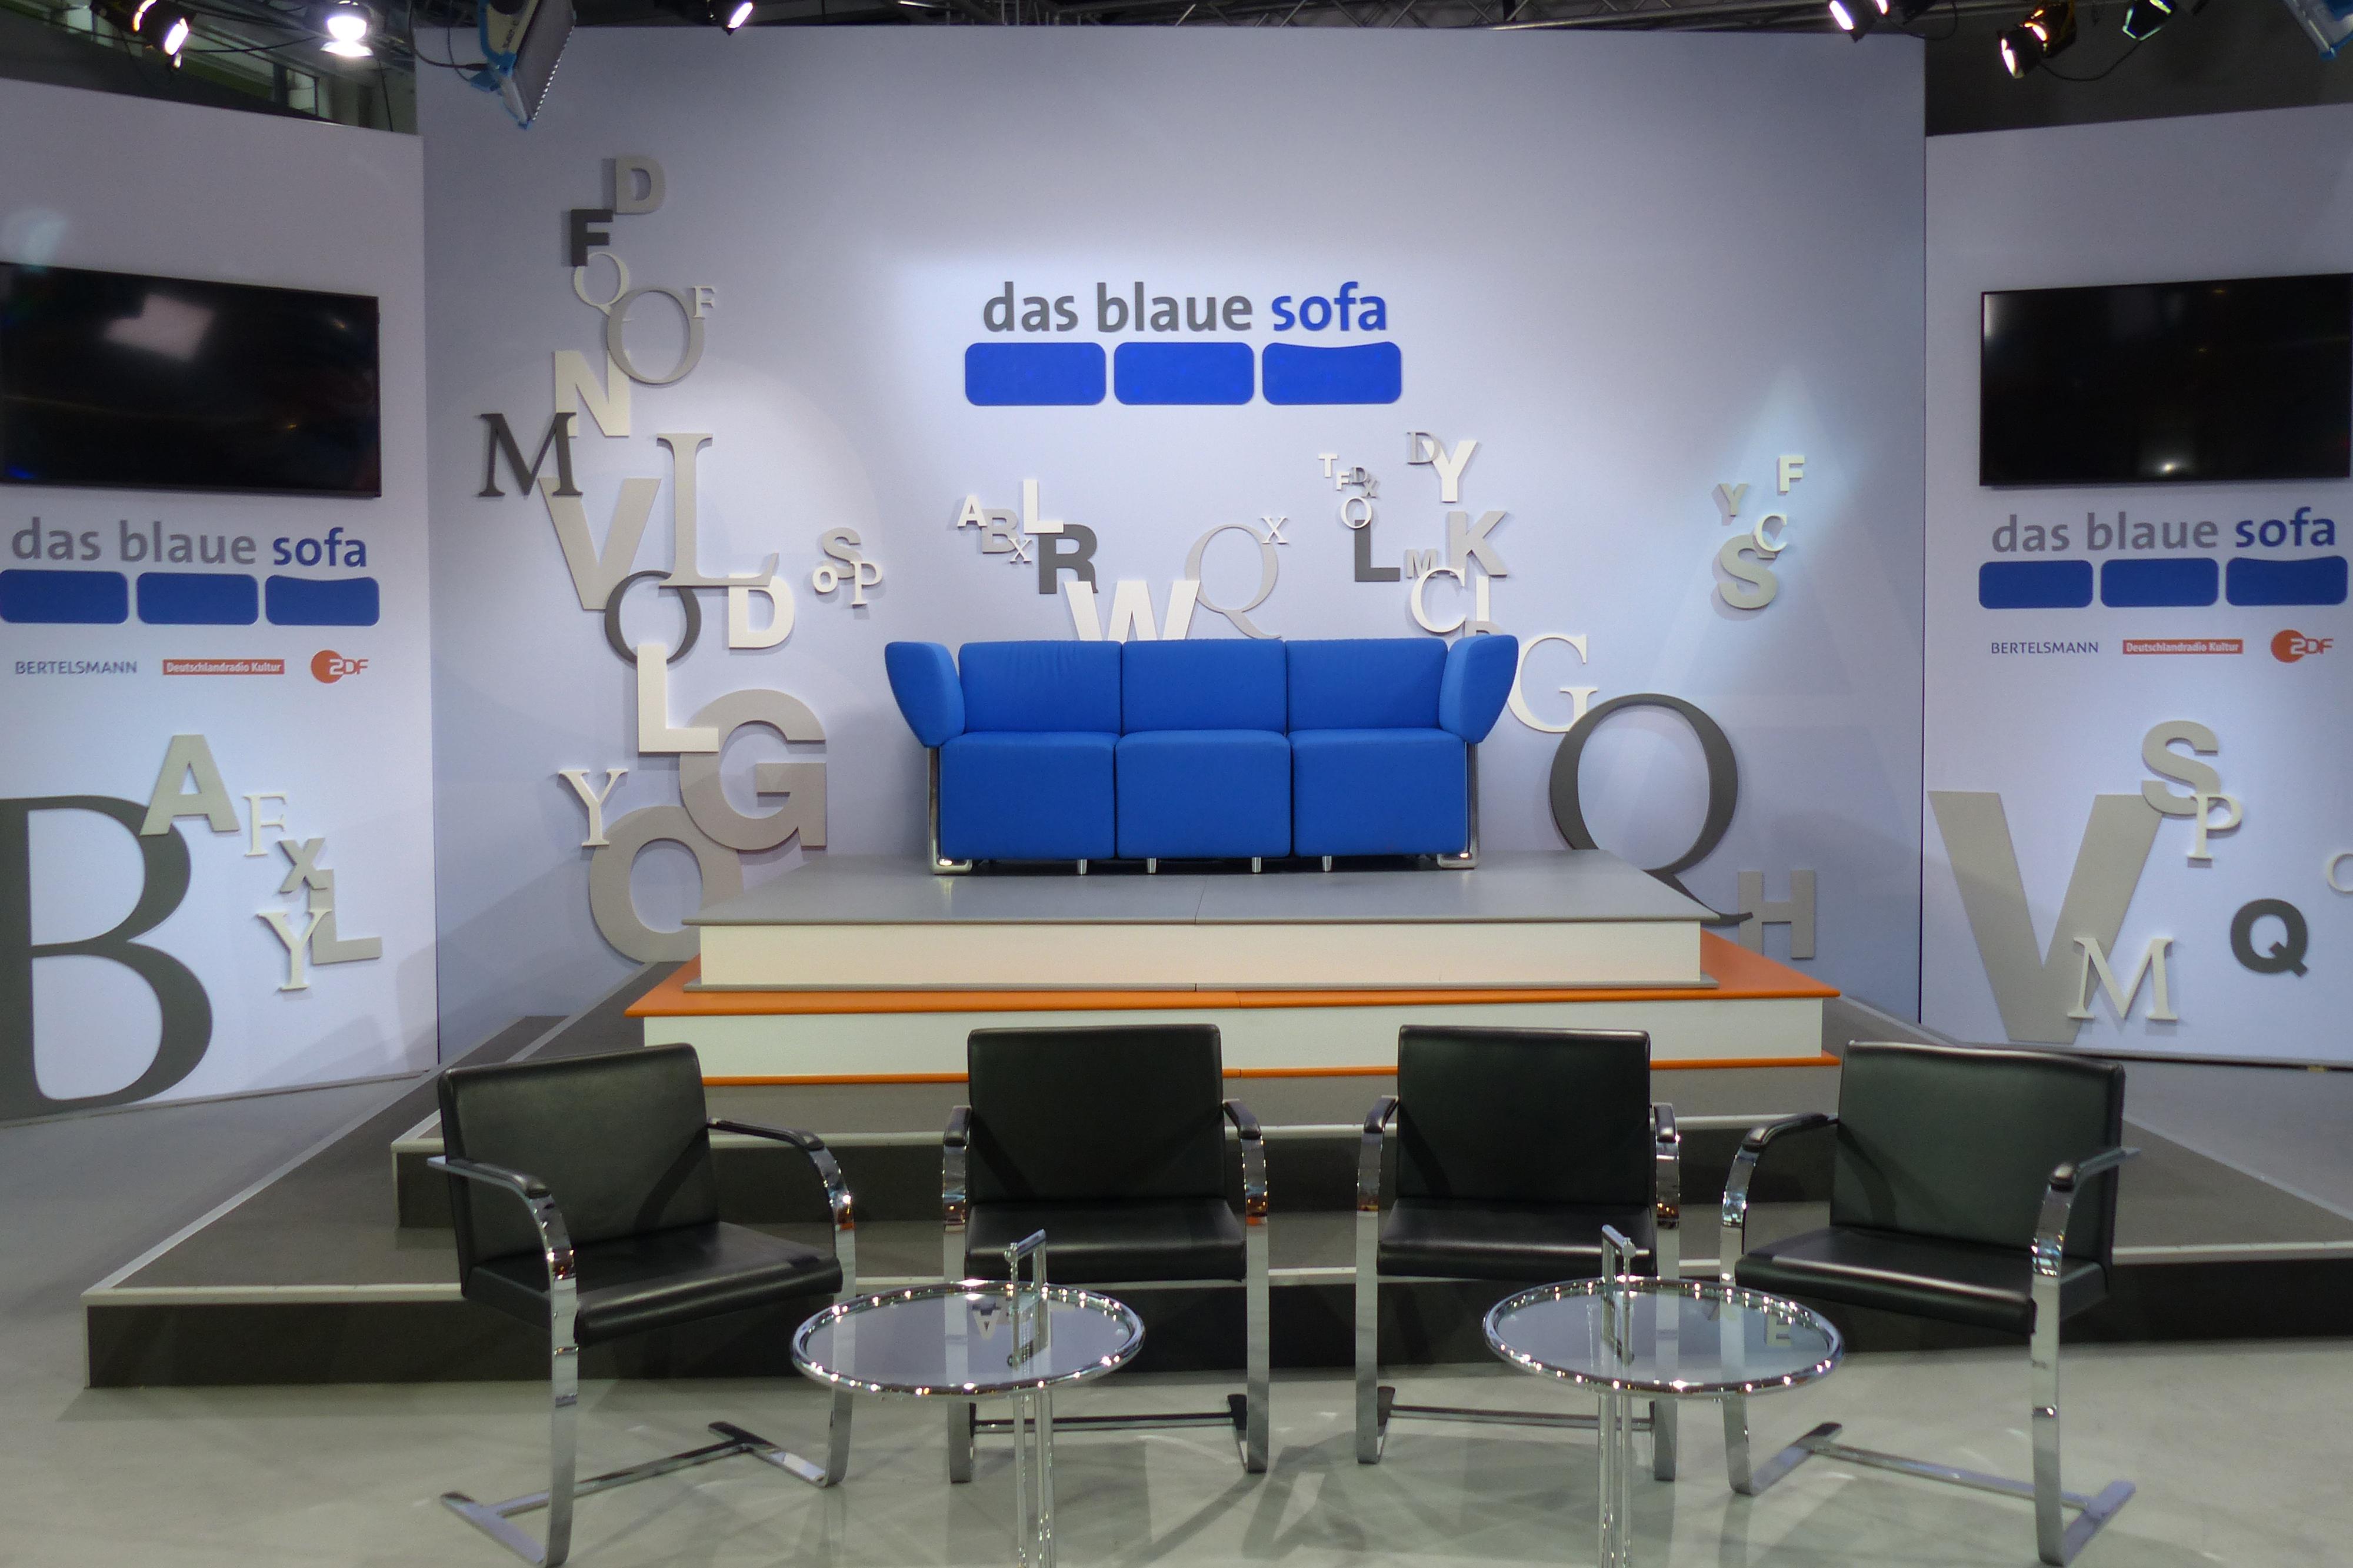 Frankfurter Buchmesse 2018 Das Blaue Sofa Mit 40 Stunden Live